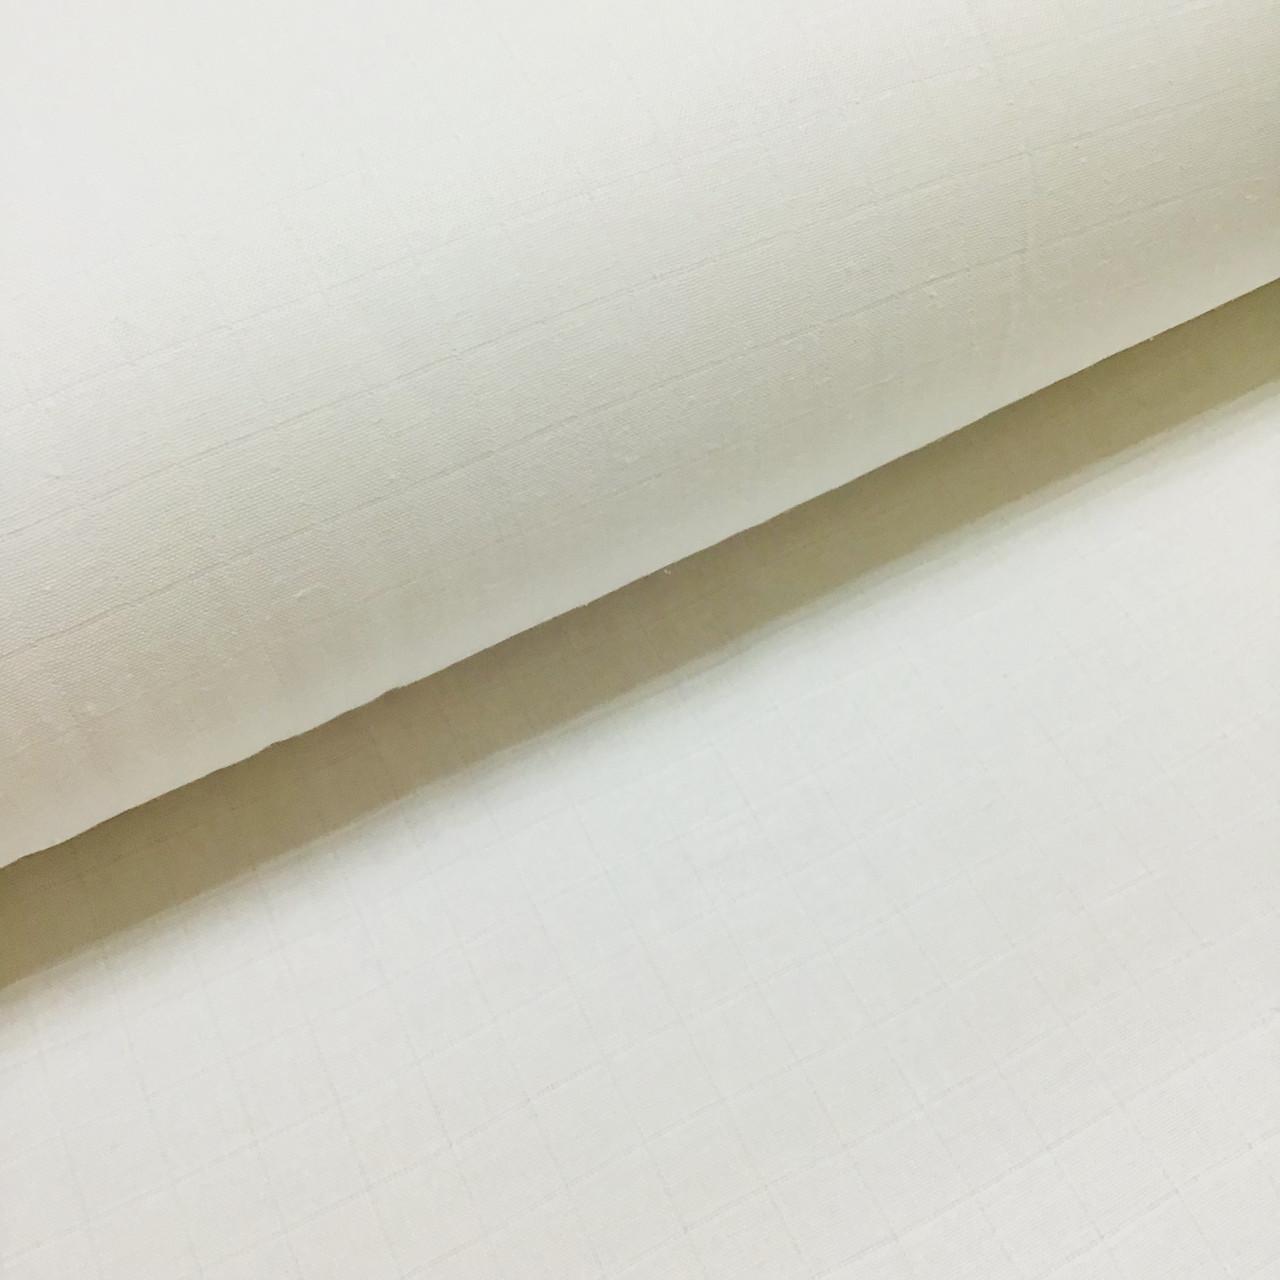 Ткань муслин Двухслойная однотонная белая (шир. 1,8 м)